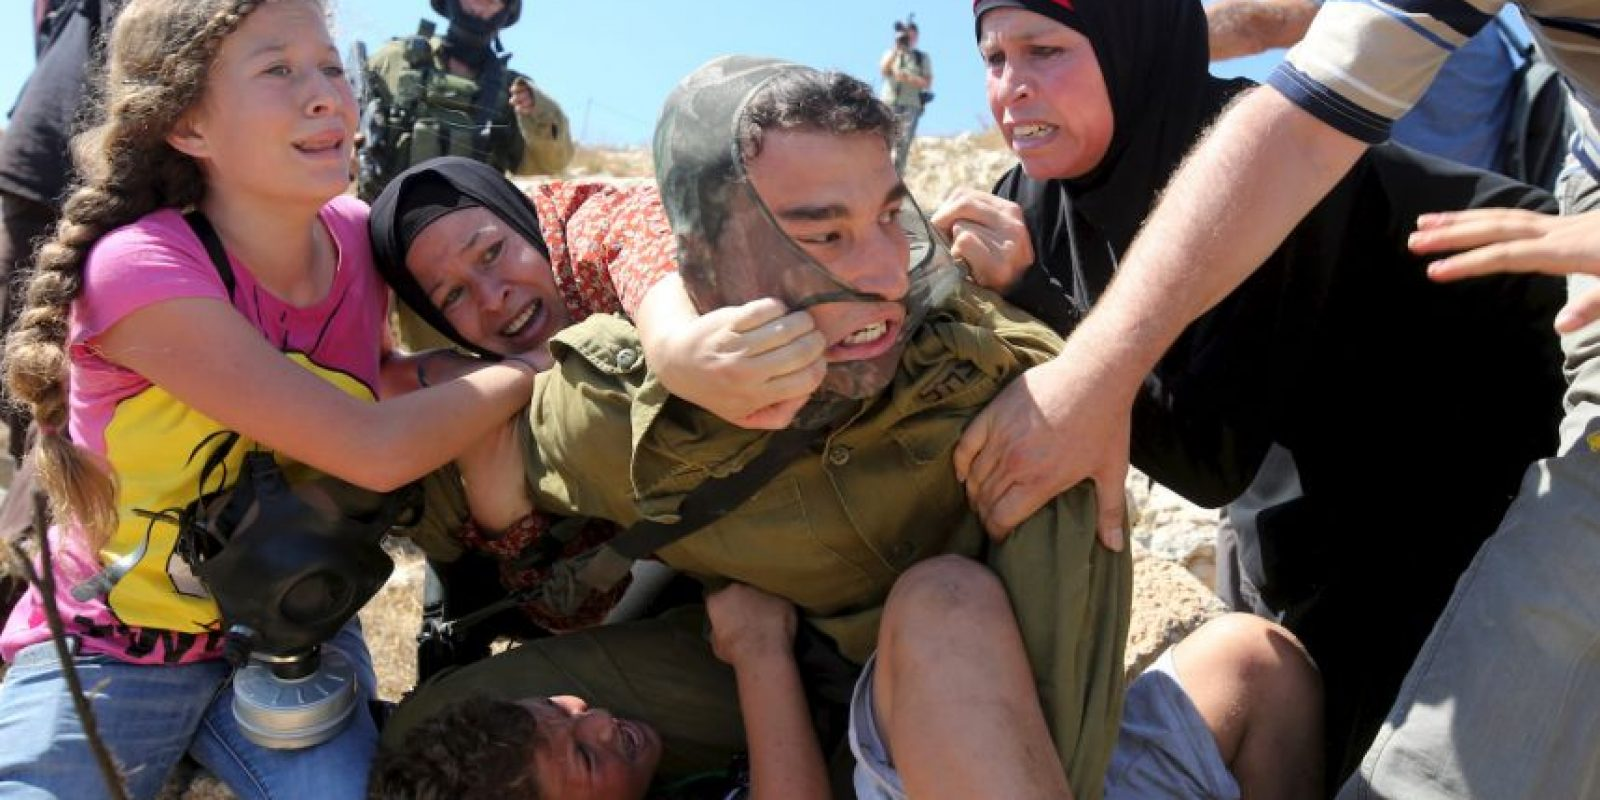 Trataban de quitarle al menor, pero poco podían hacer Foto:AFP